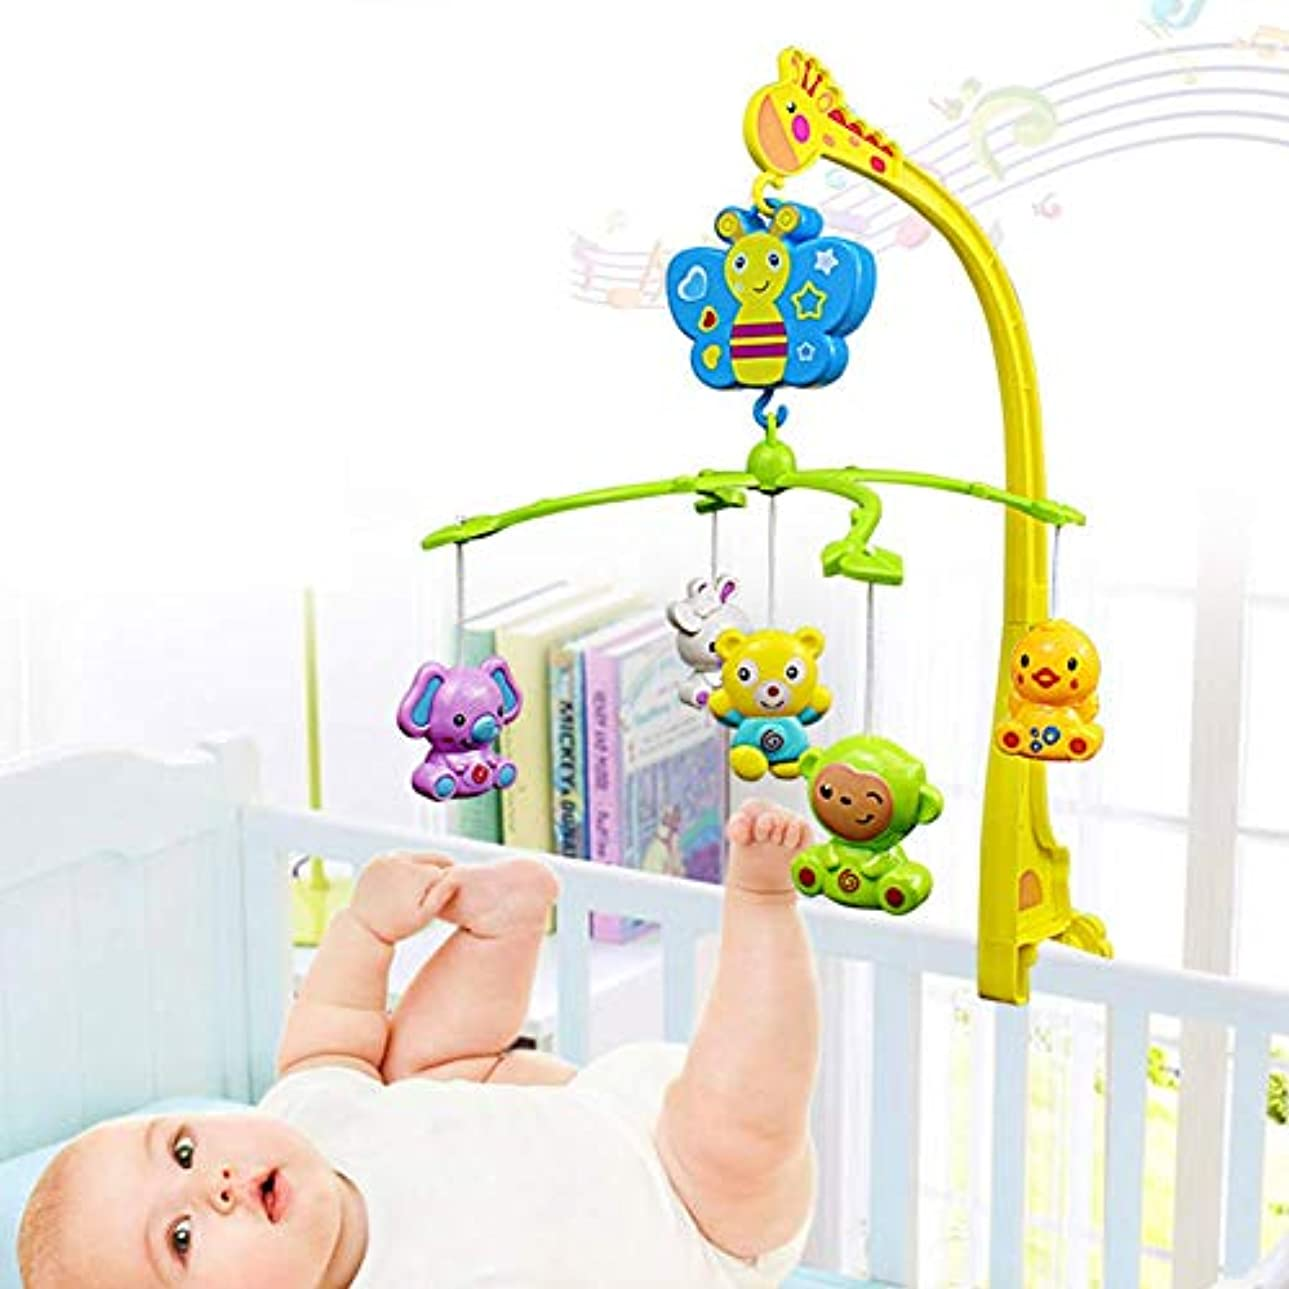 レーザ湿地版赤ちゃんのおもちゃ携帯電話多機能漫画動物ベッドベルスピン音楽幼児ガラガラおもちゃサポートベビーベッド、旅行システム音楽プレーヤー